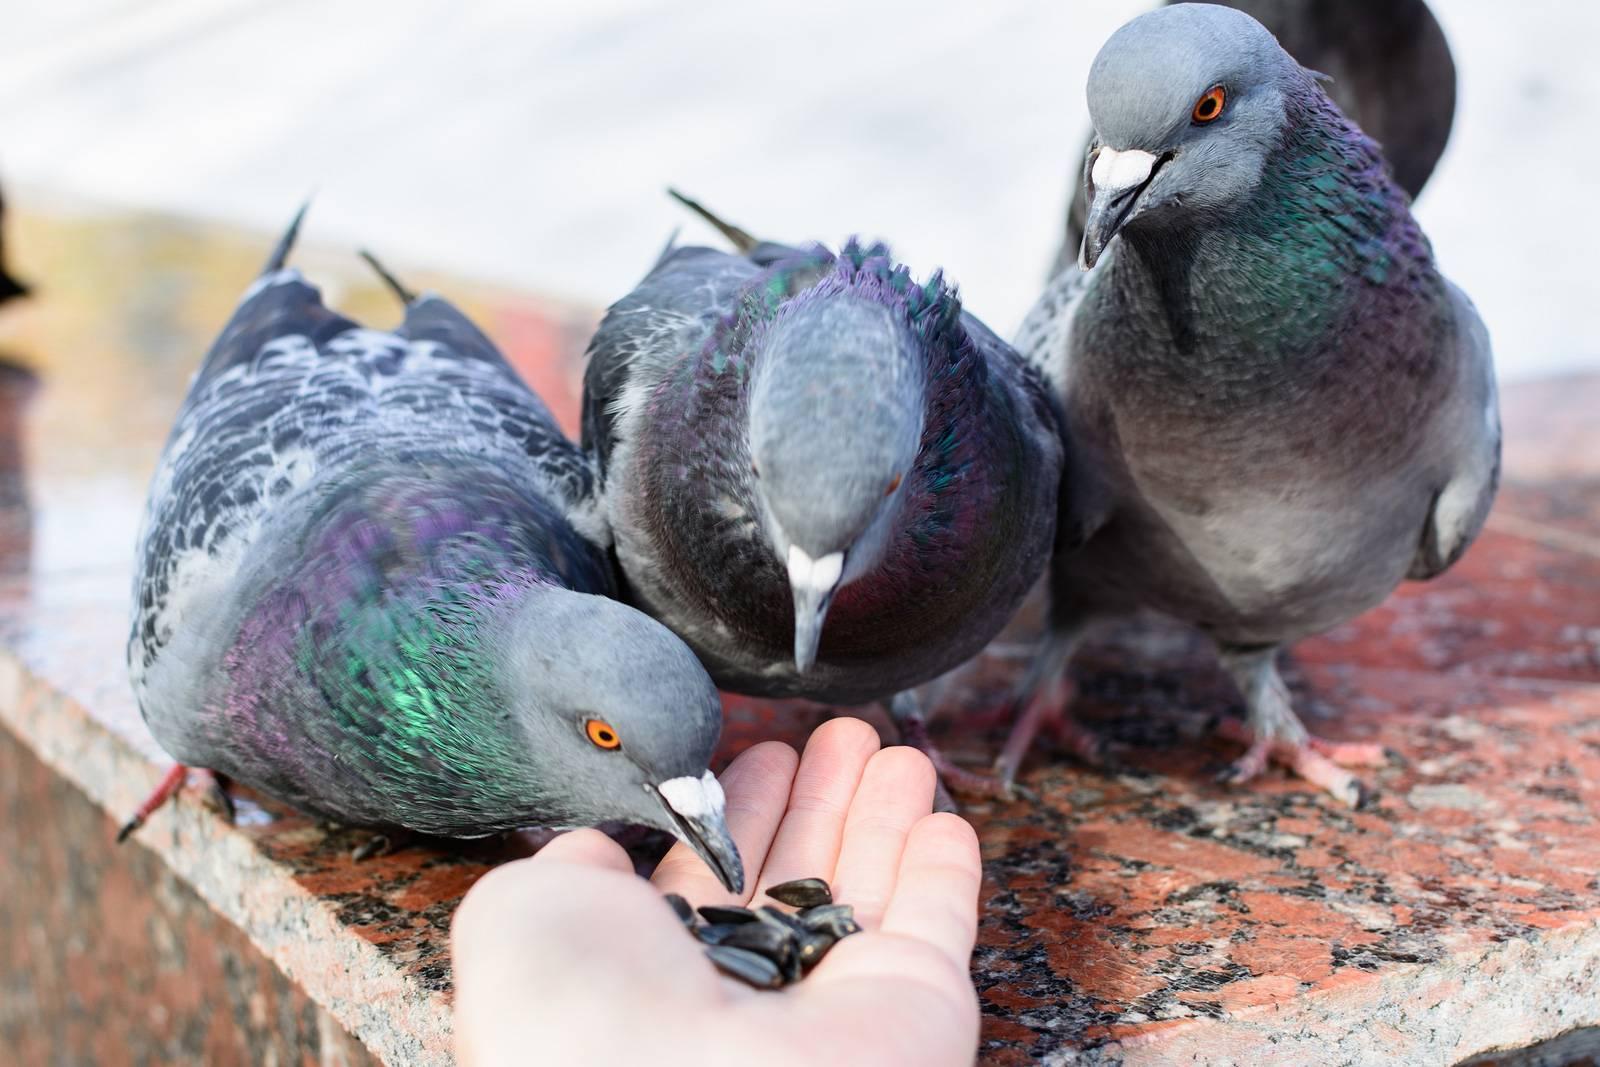 Чем кормить голубя? 22 фото чем они питаются зимой на улице и в природе? корм для птенцов, кормление уличных птиц. какие можно давать минералы домашним голубям?